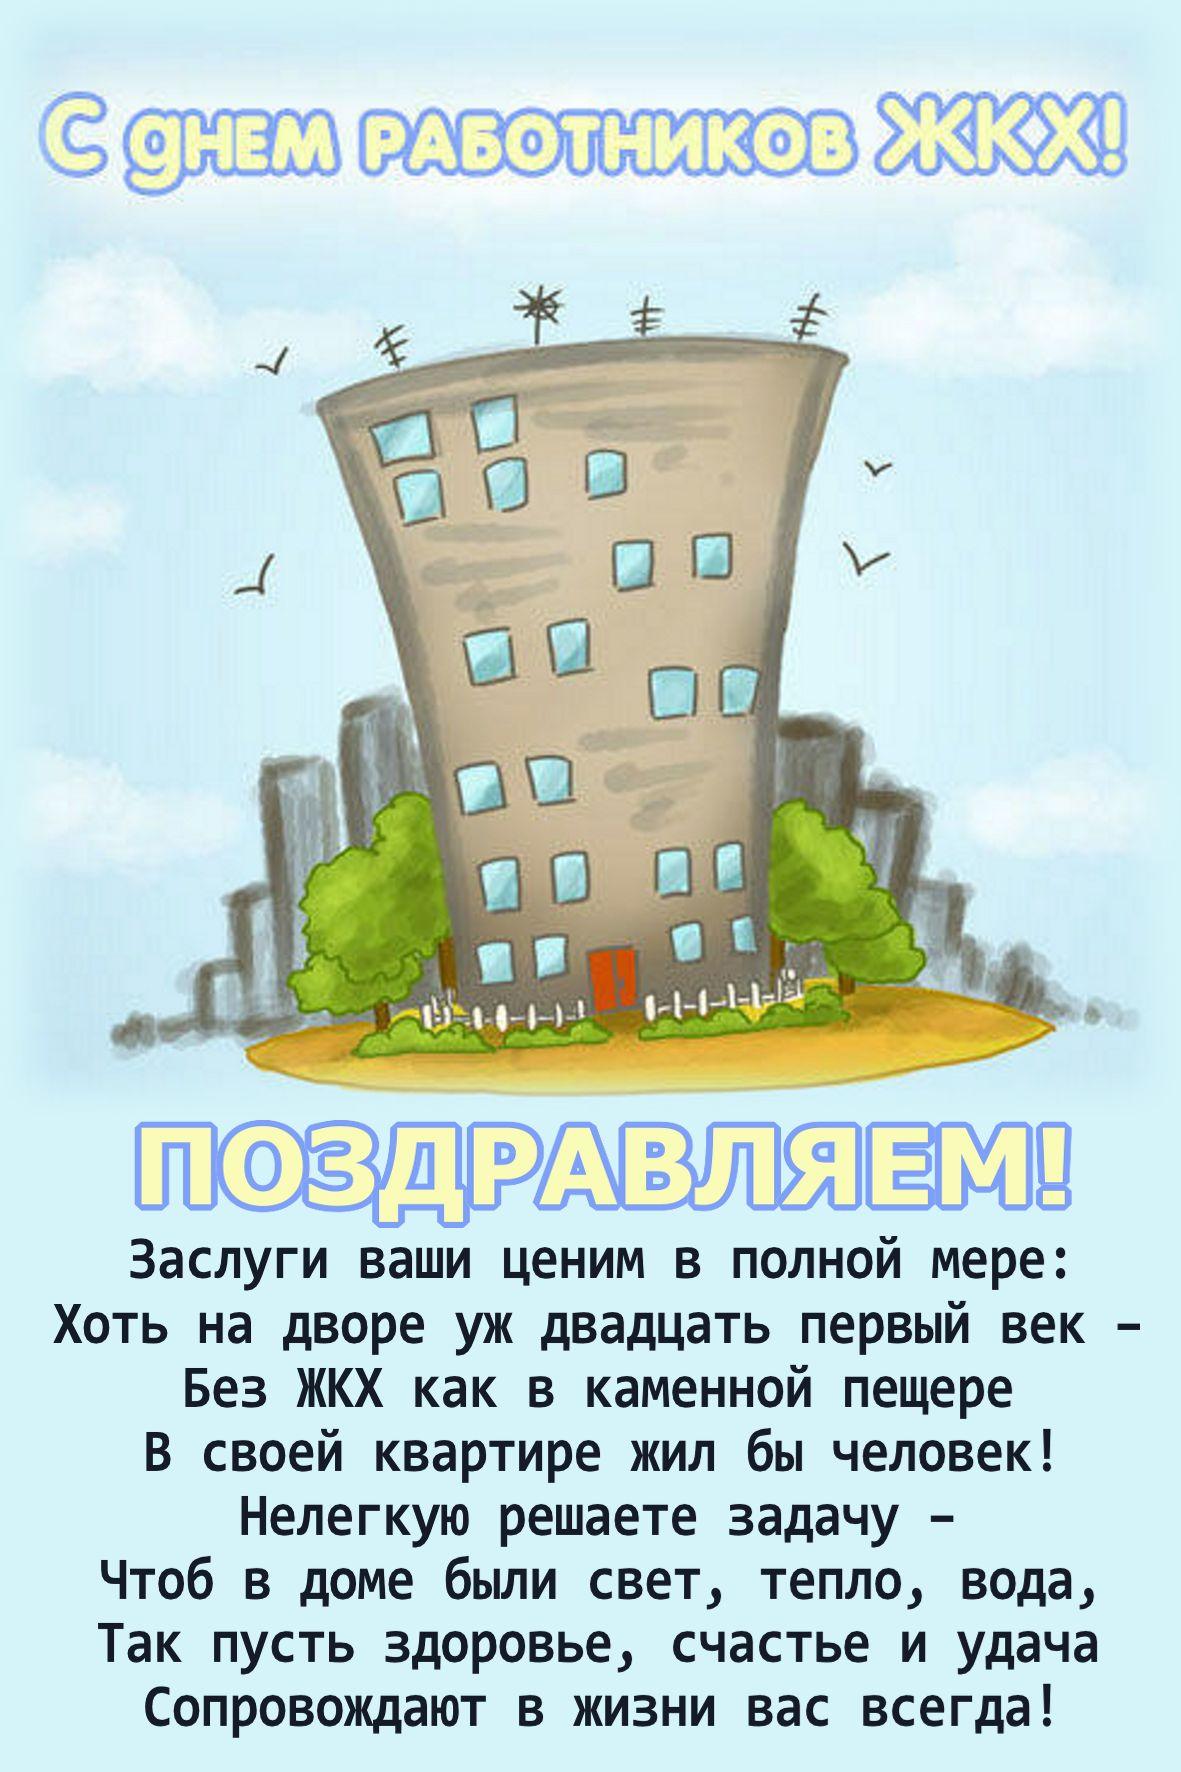 Открытки. День работников ЖКХ! Поздравляем! Стихи-пожелания